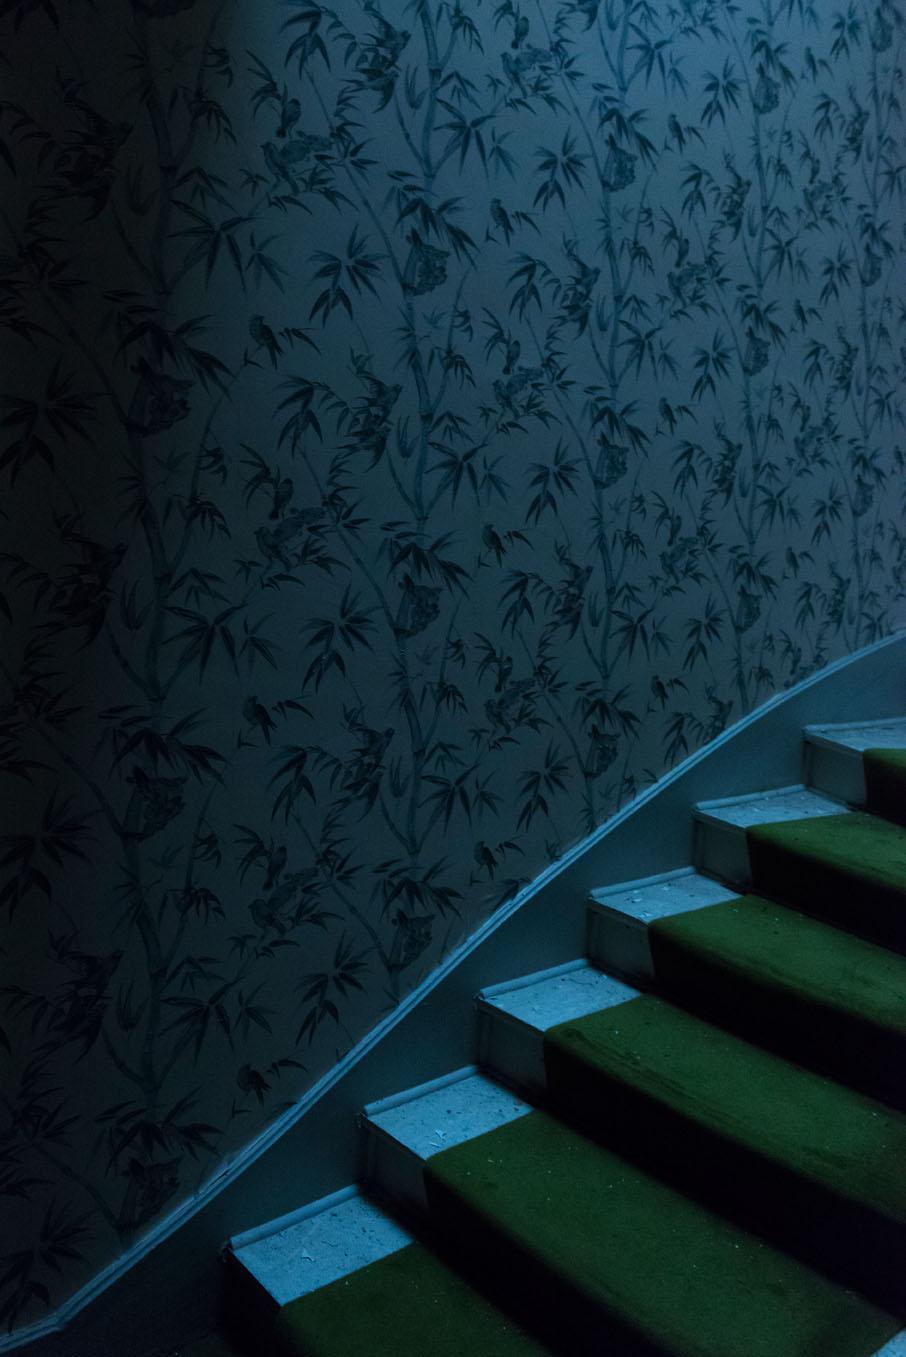 Huis Clos - By Kathleen Meier